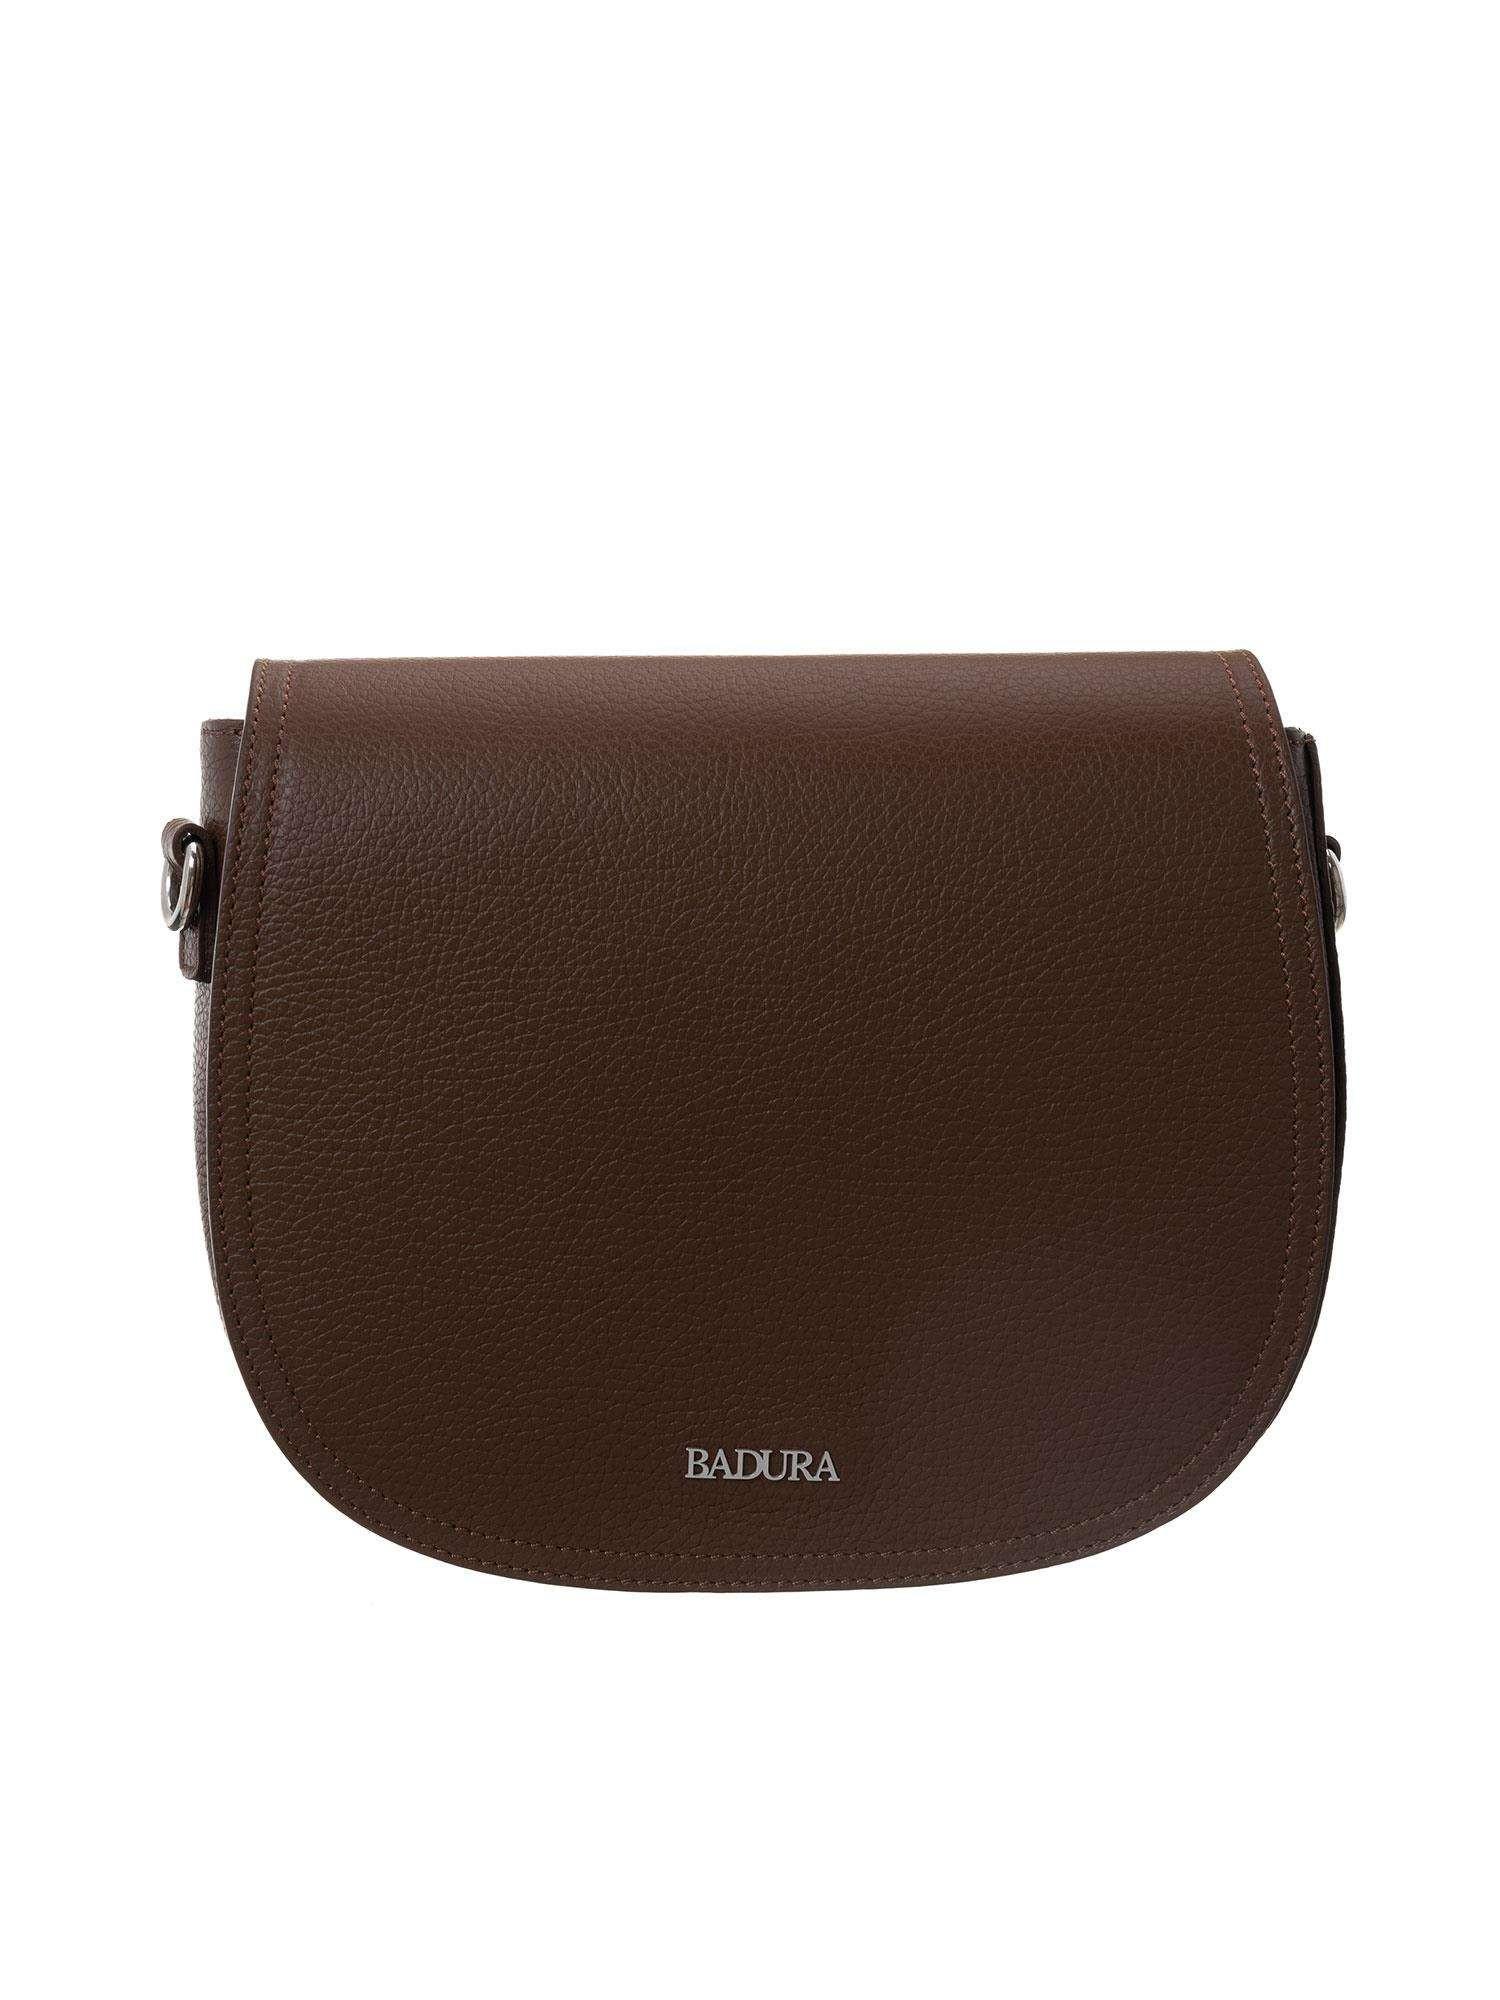 Badura hnedá kožená taška one size